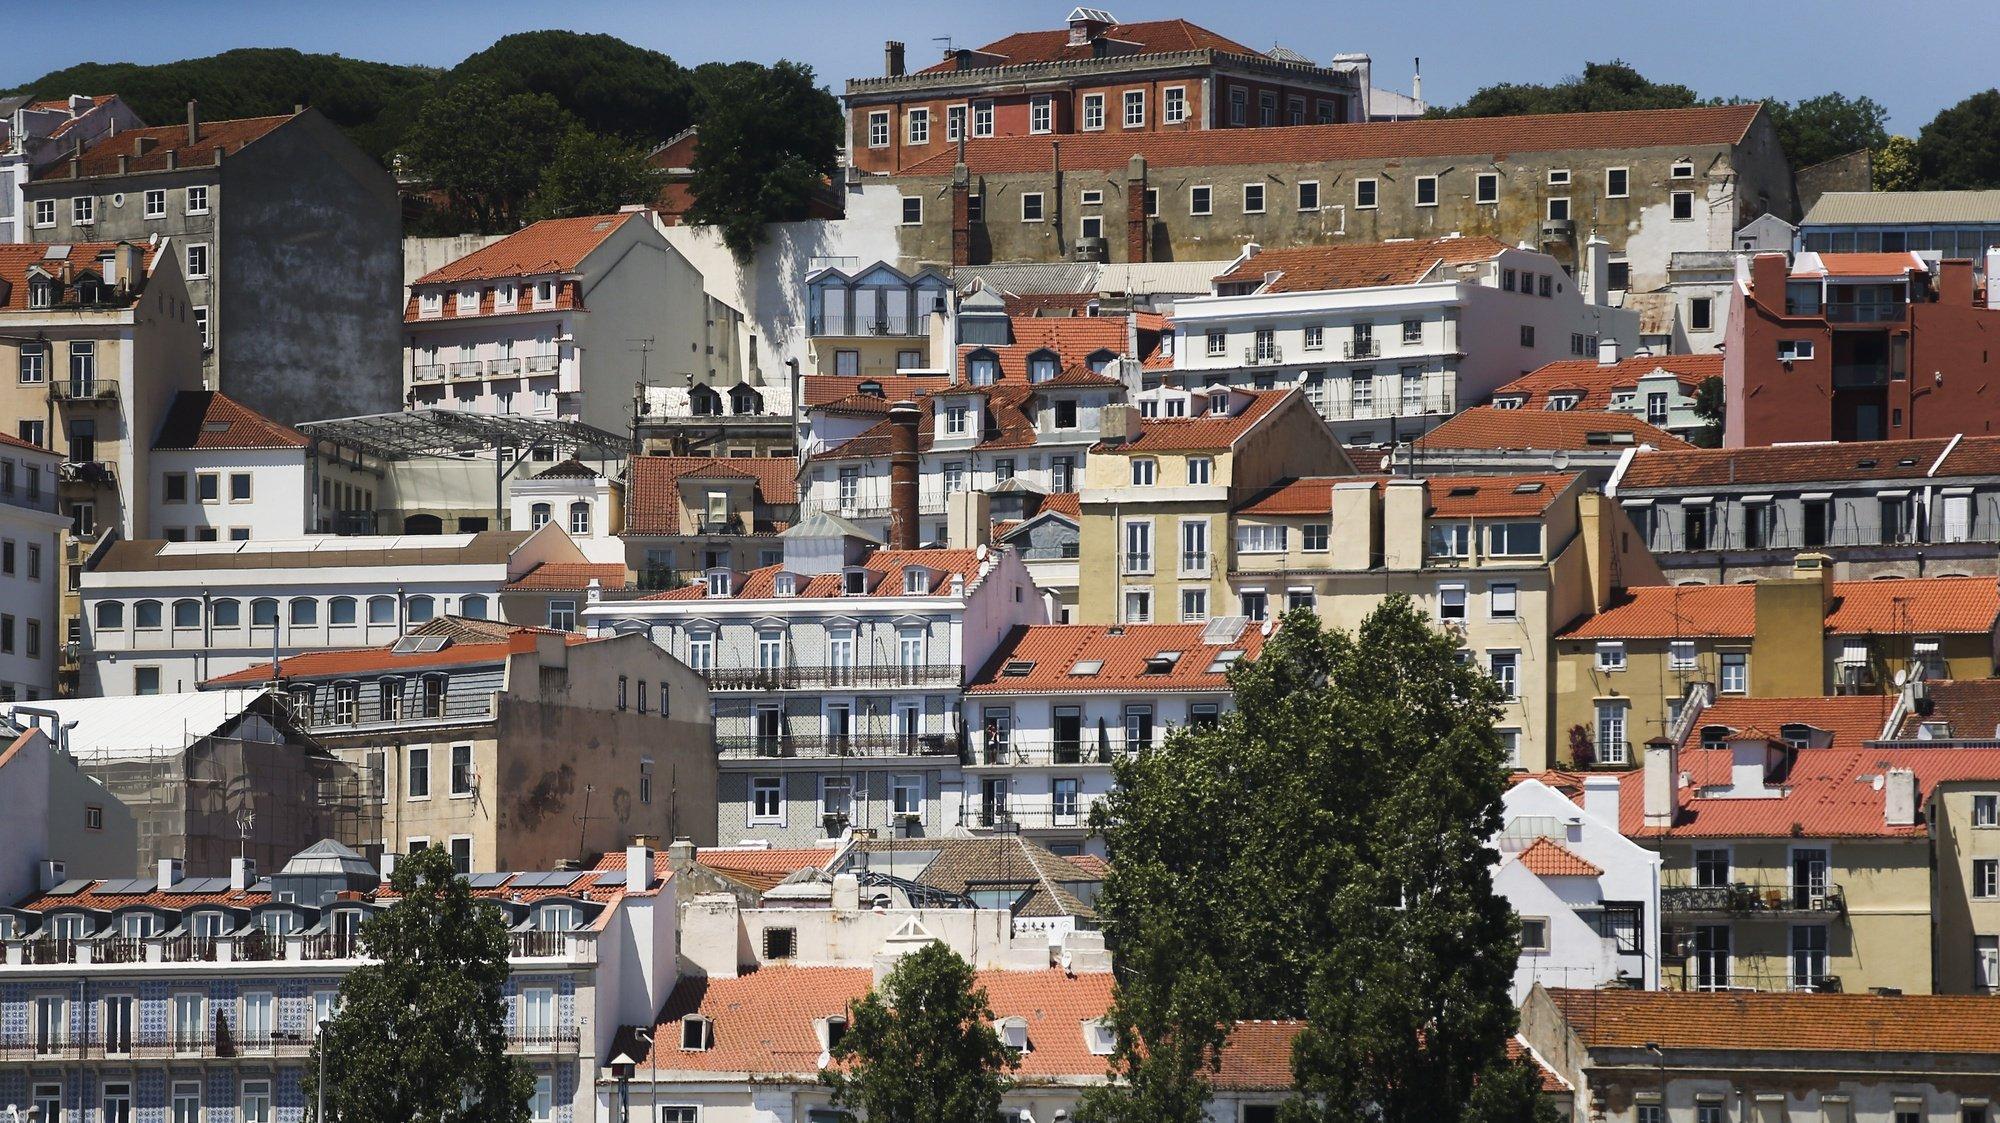 Vista da cidade de Lisboa a partir do rio Tejo, Portugal, 25 de julho de 2016. MÁRIO CRUZ/LUSA